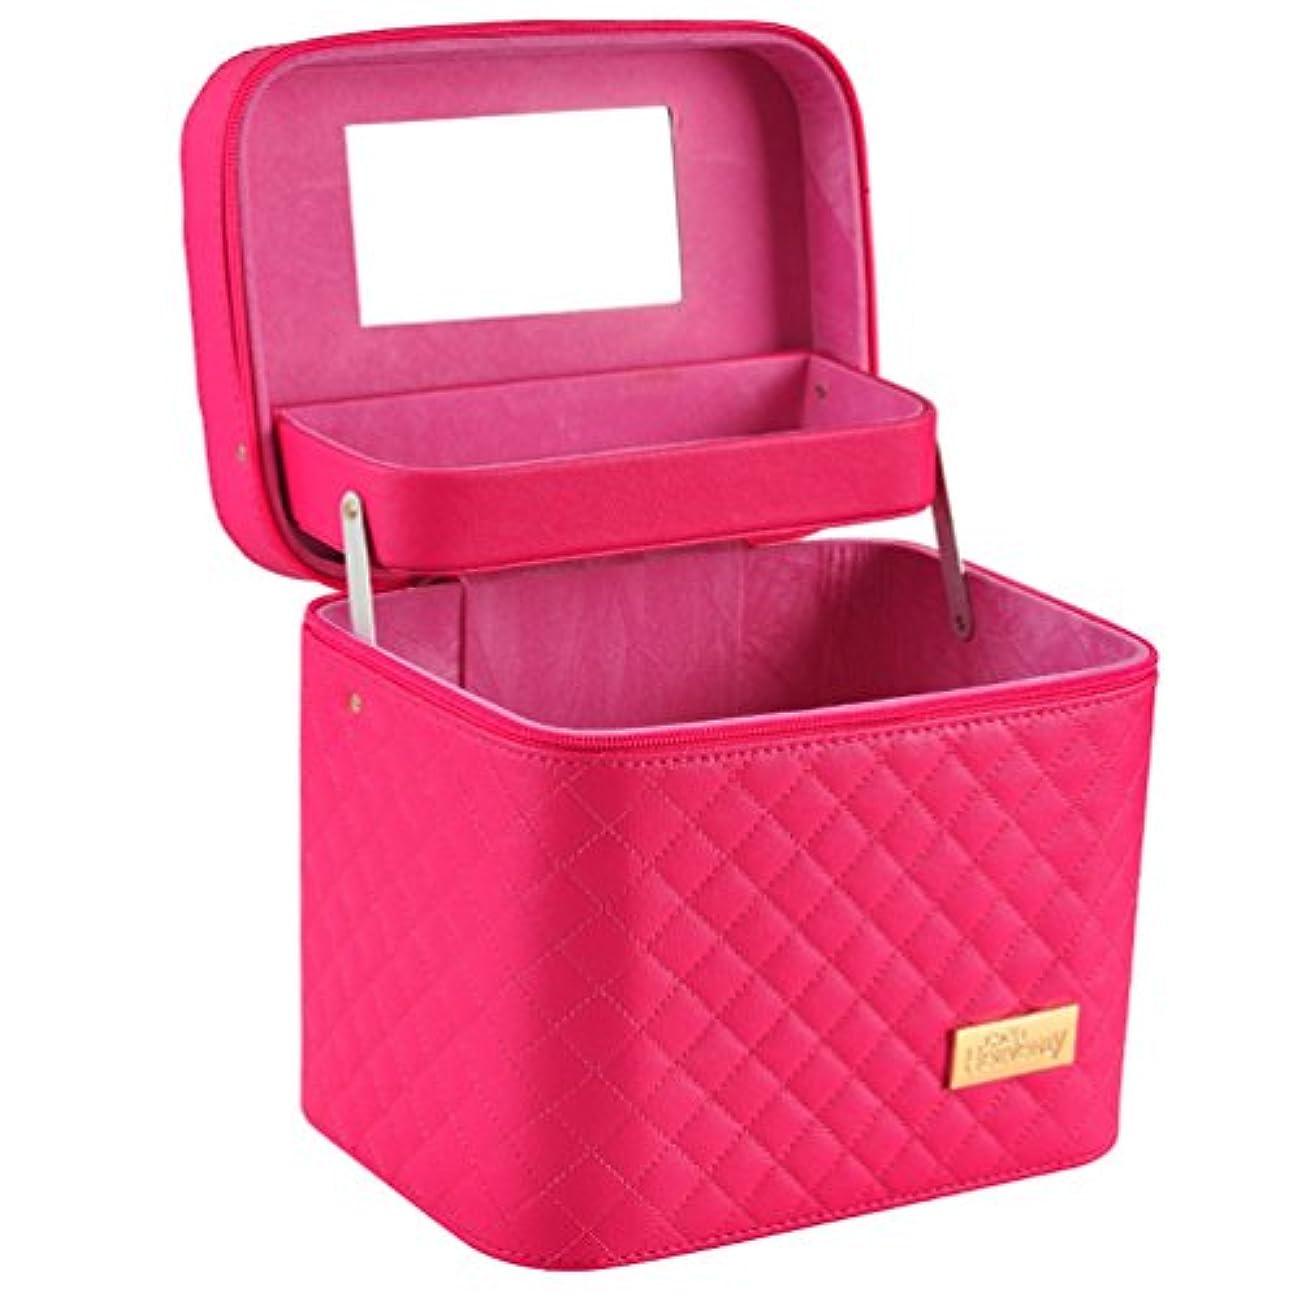 各姓入口メイクボックス コスメボックス コスメBOX 大容量 収納ボックス 二層 2段タイプ 化粧ポーチ メイクポーチ 携帯便利 女性用 女の子 ミラー付き 化粧品 取っ手付き おしゃれ 鏡付き 機能的 防水 化粧箱